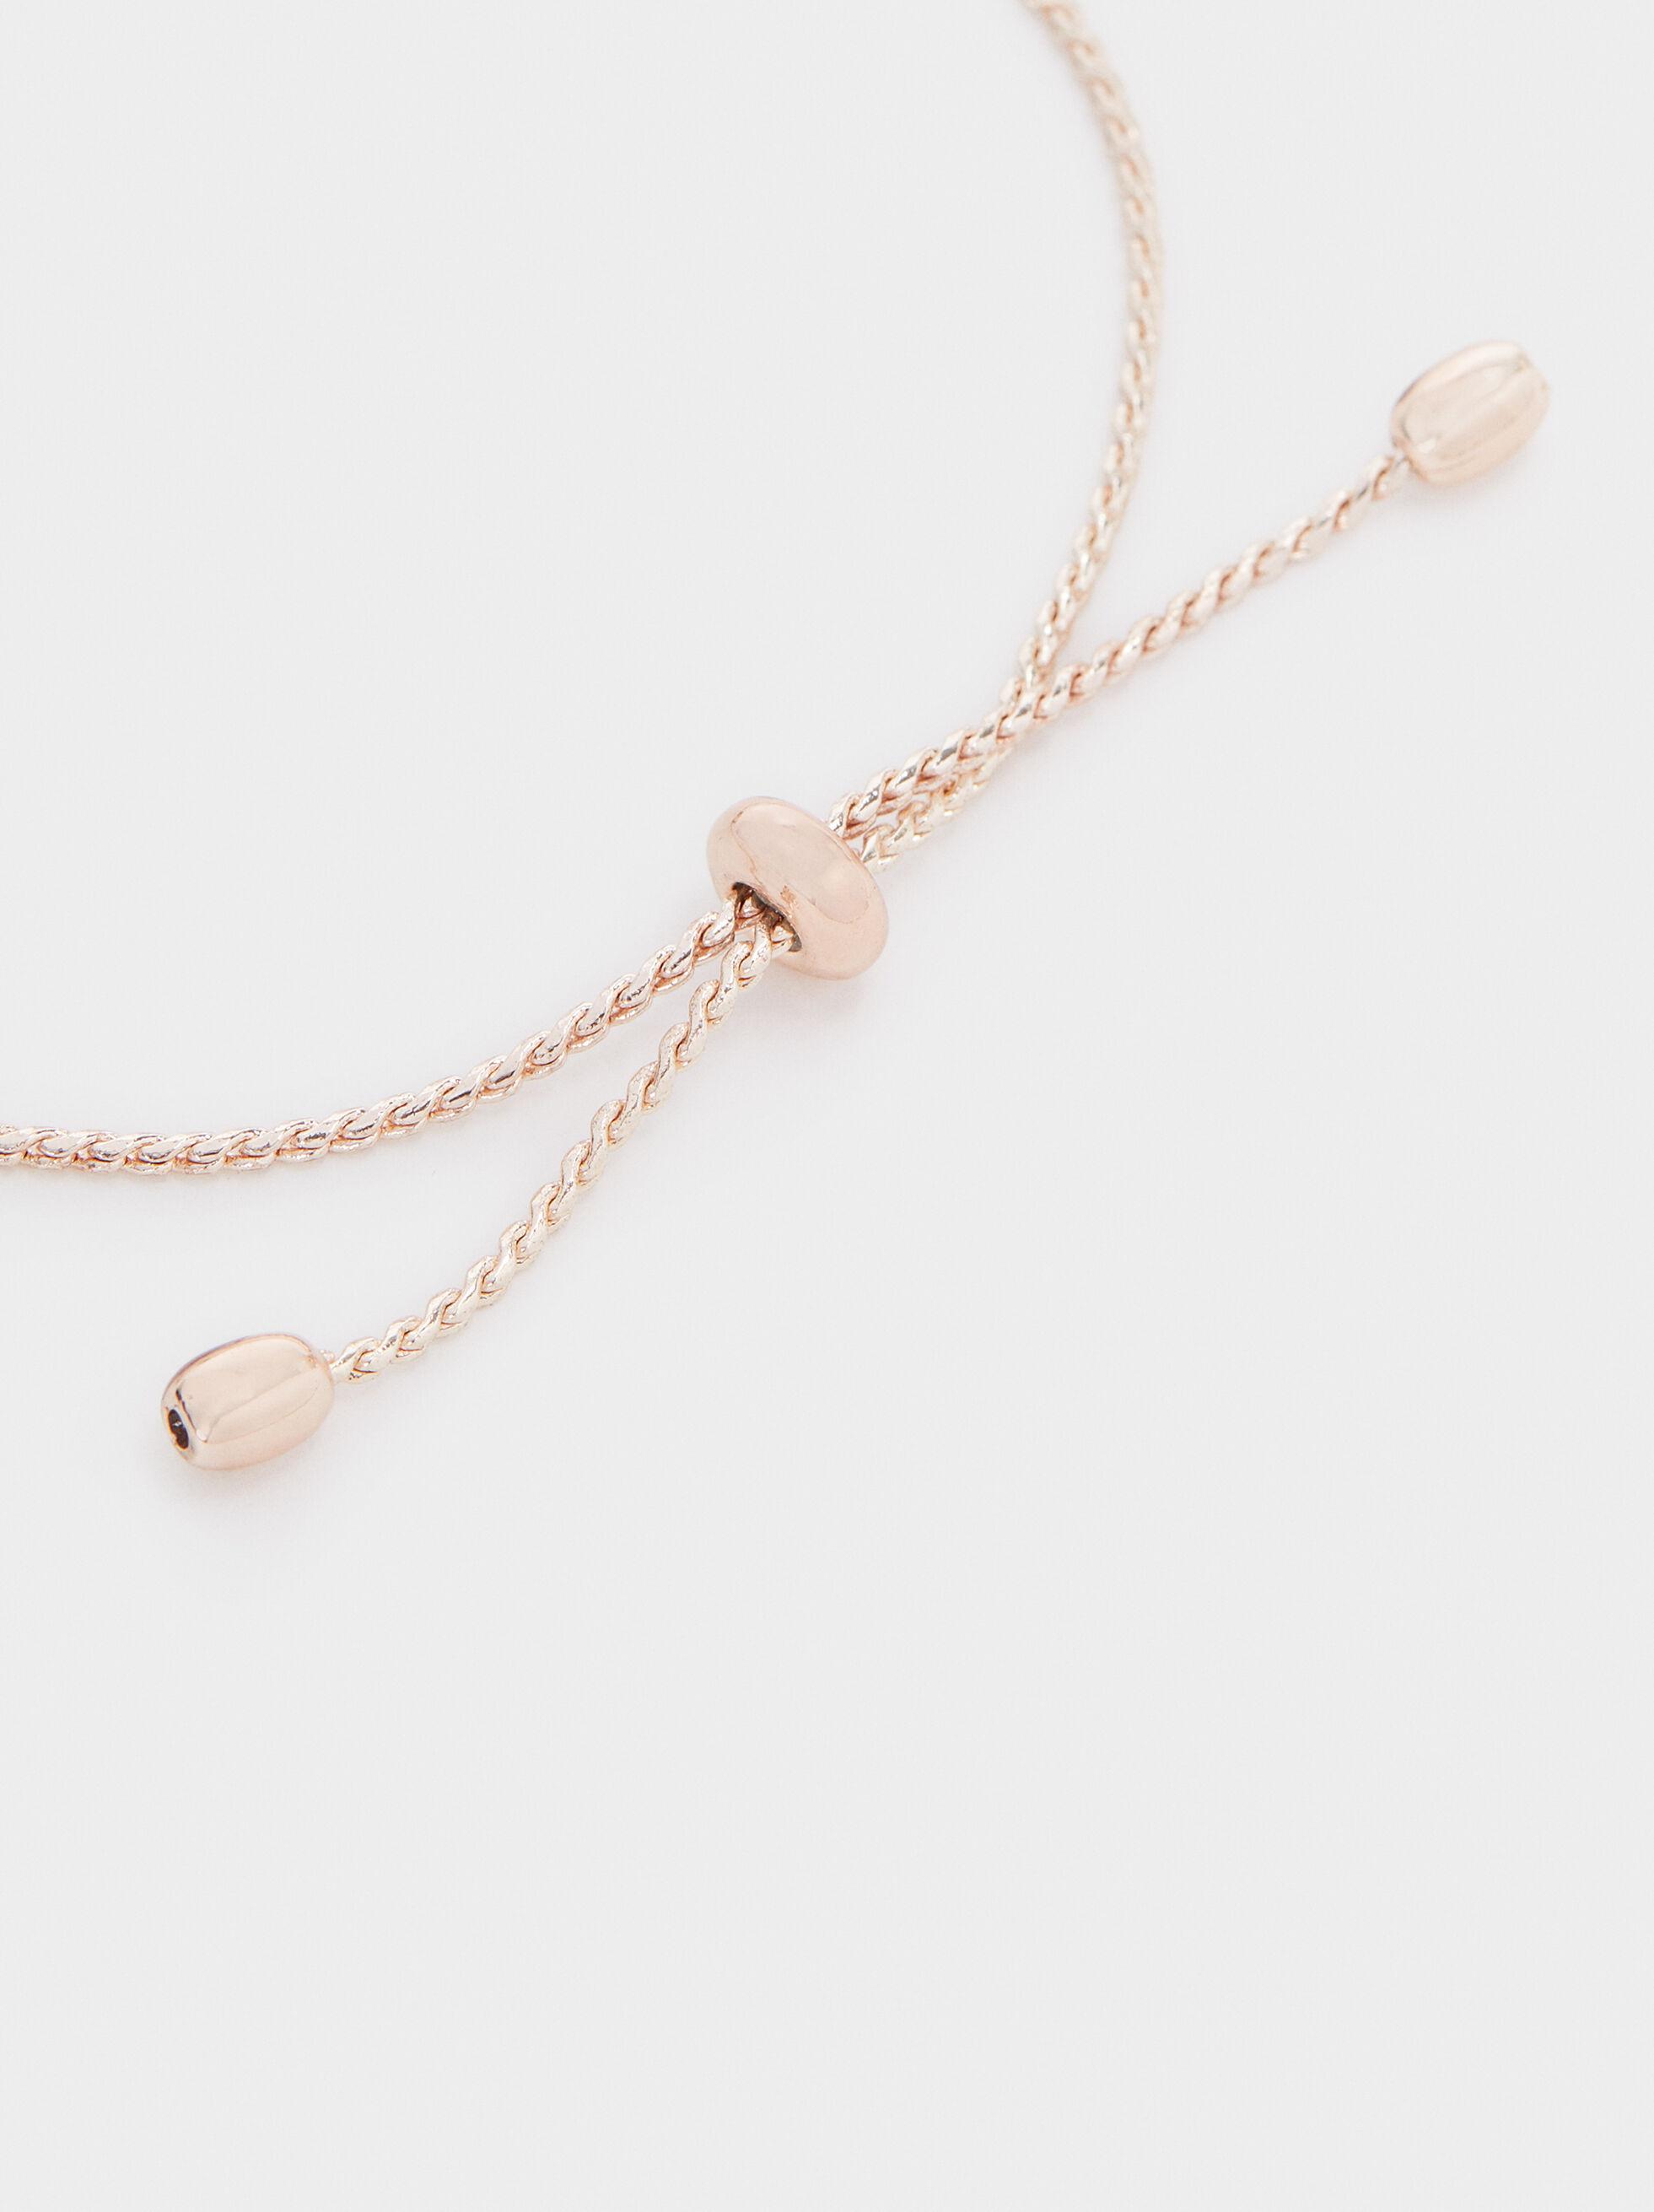 Rose Gold Adjustable Bracelet With Leaf, Multicolor, hi-res